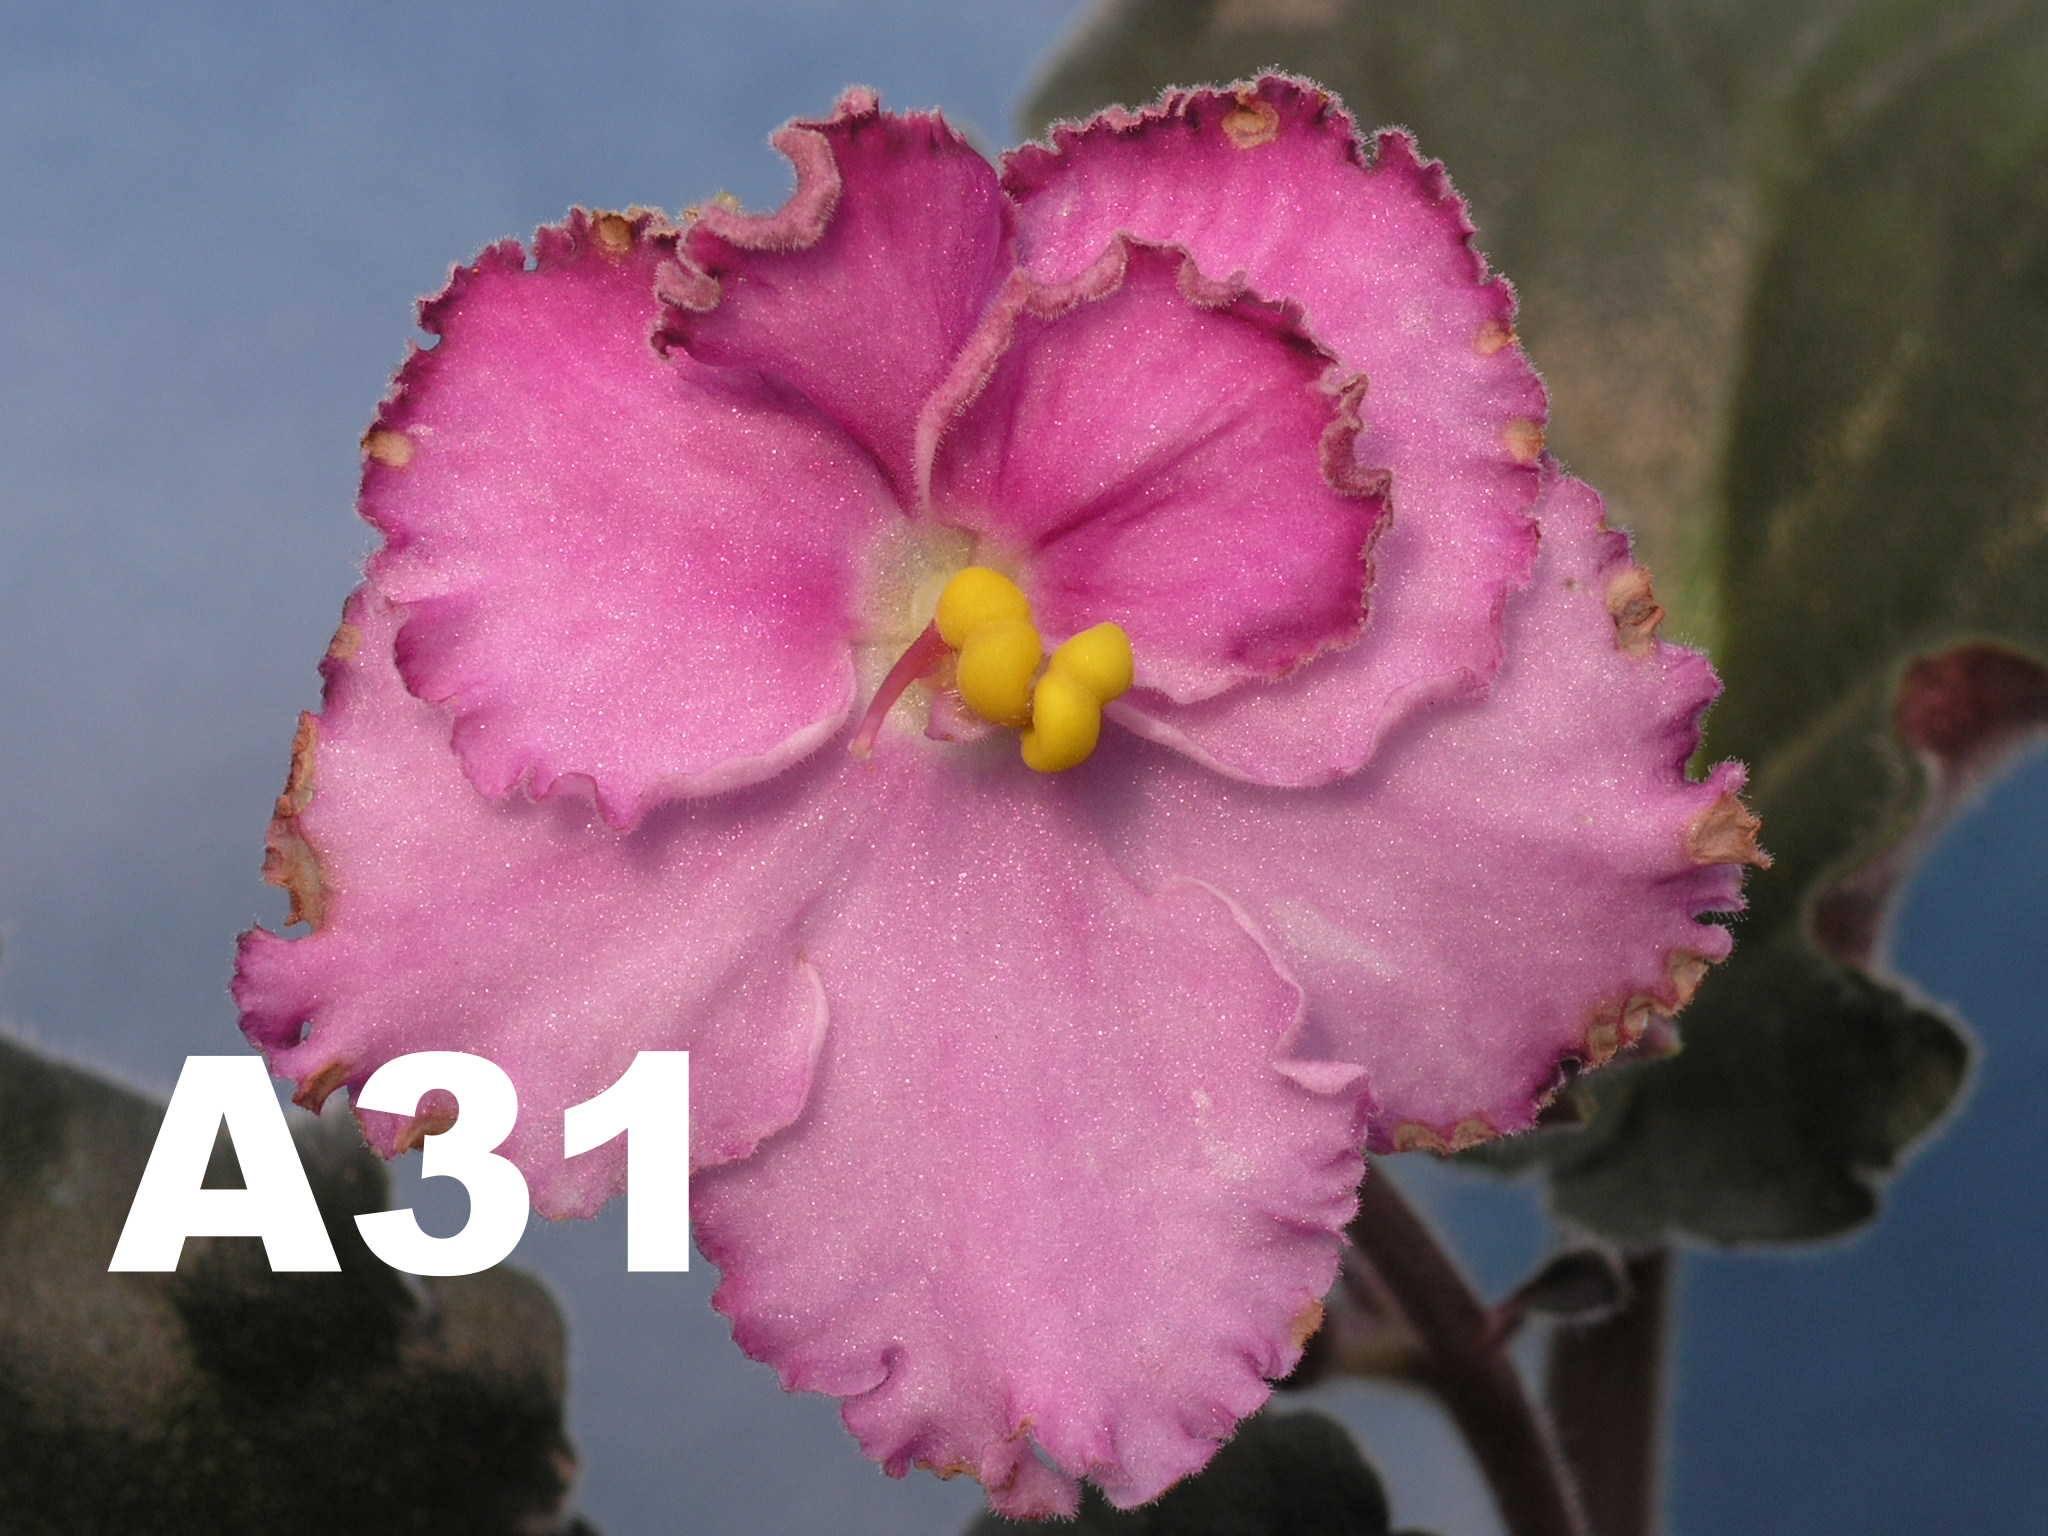 非洲紫羅蘭名錄 | African Violets Catalogue - A系列 A31